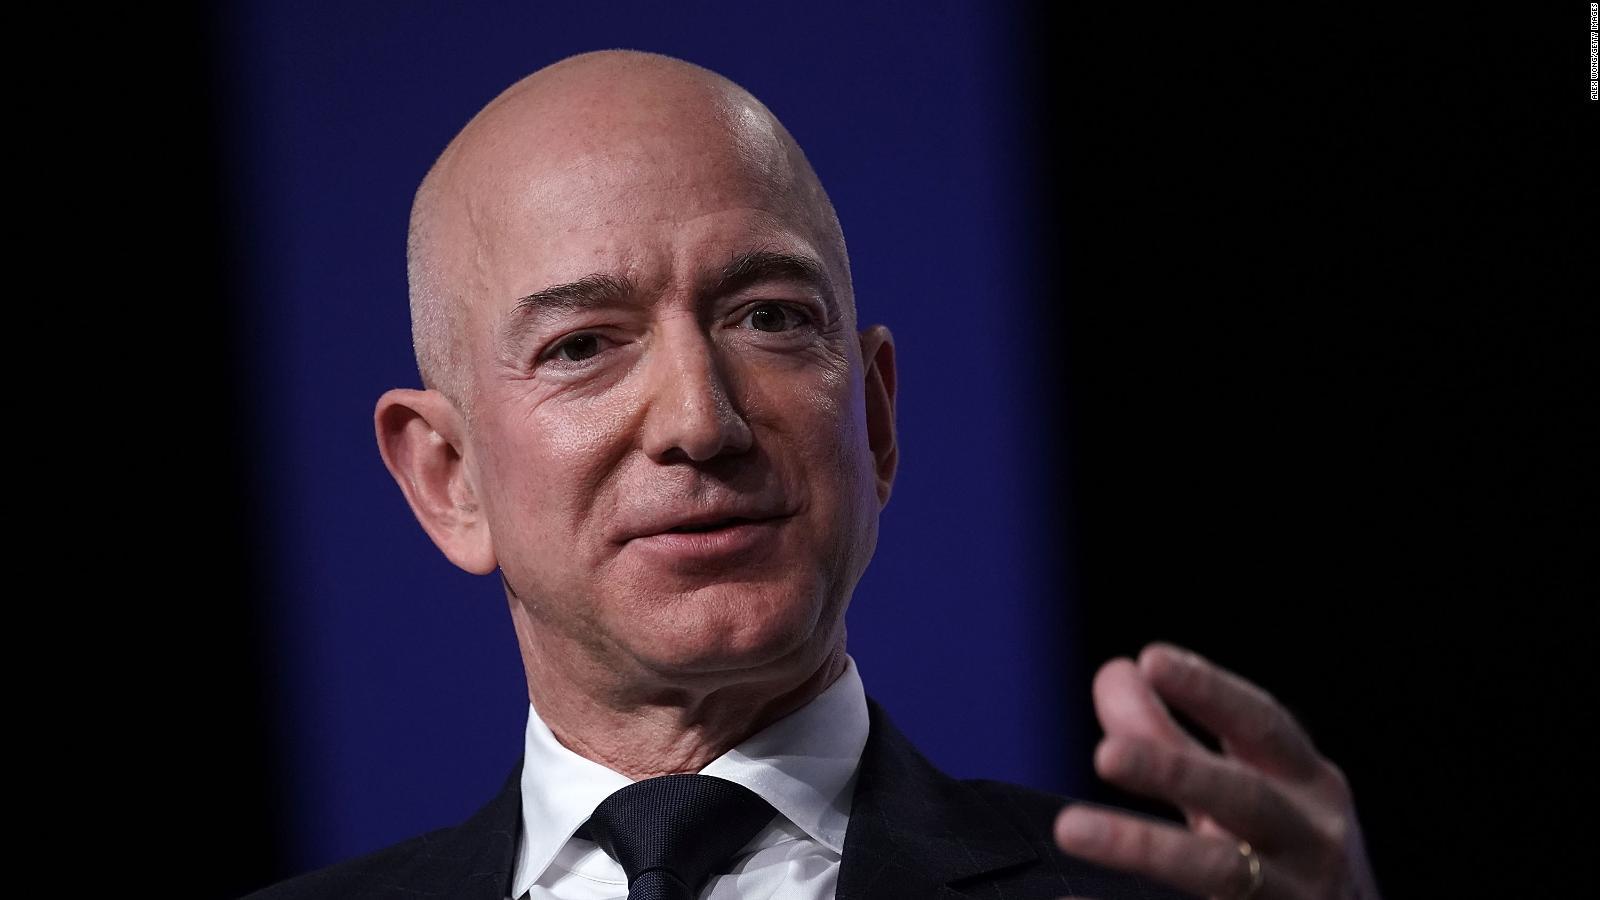 Jeff Bezos, al espacio: viajará en un cohete de Blue Origin junto a su  hermano Mark | Video | CNN